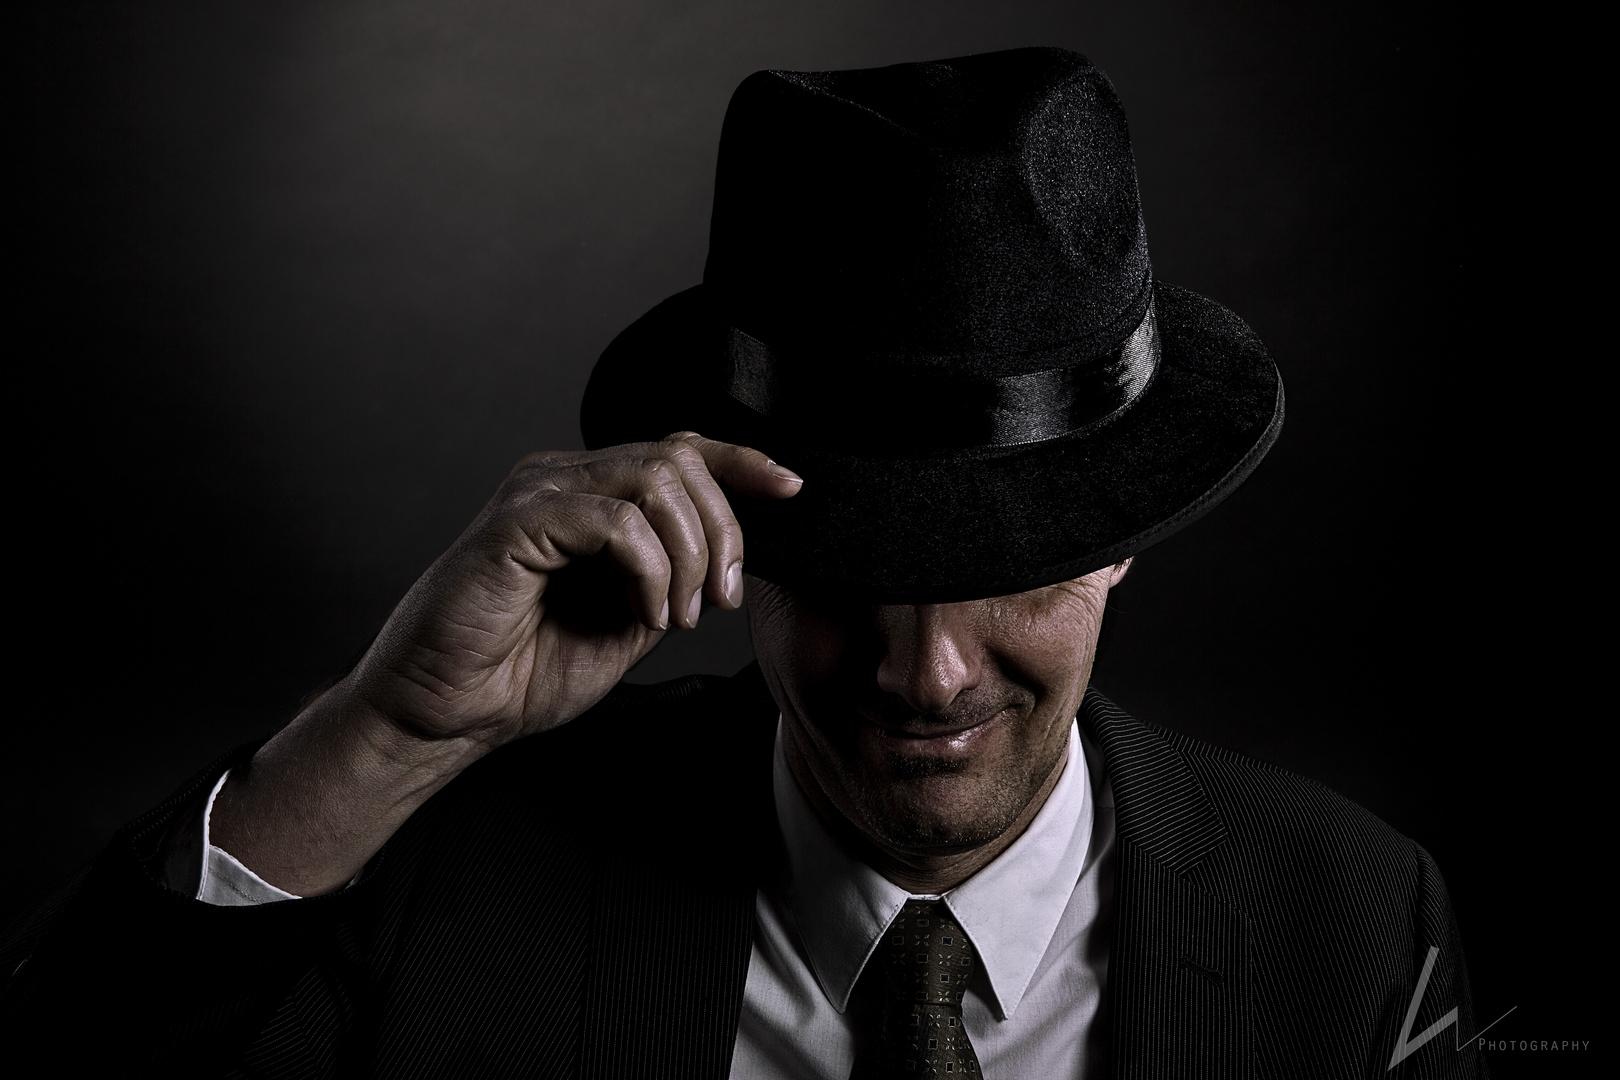 Secret Man in Black